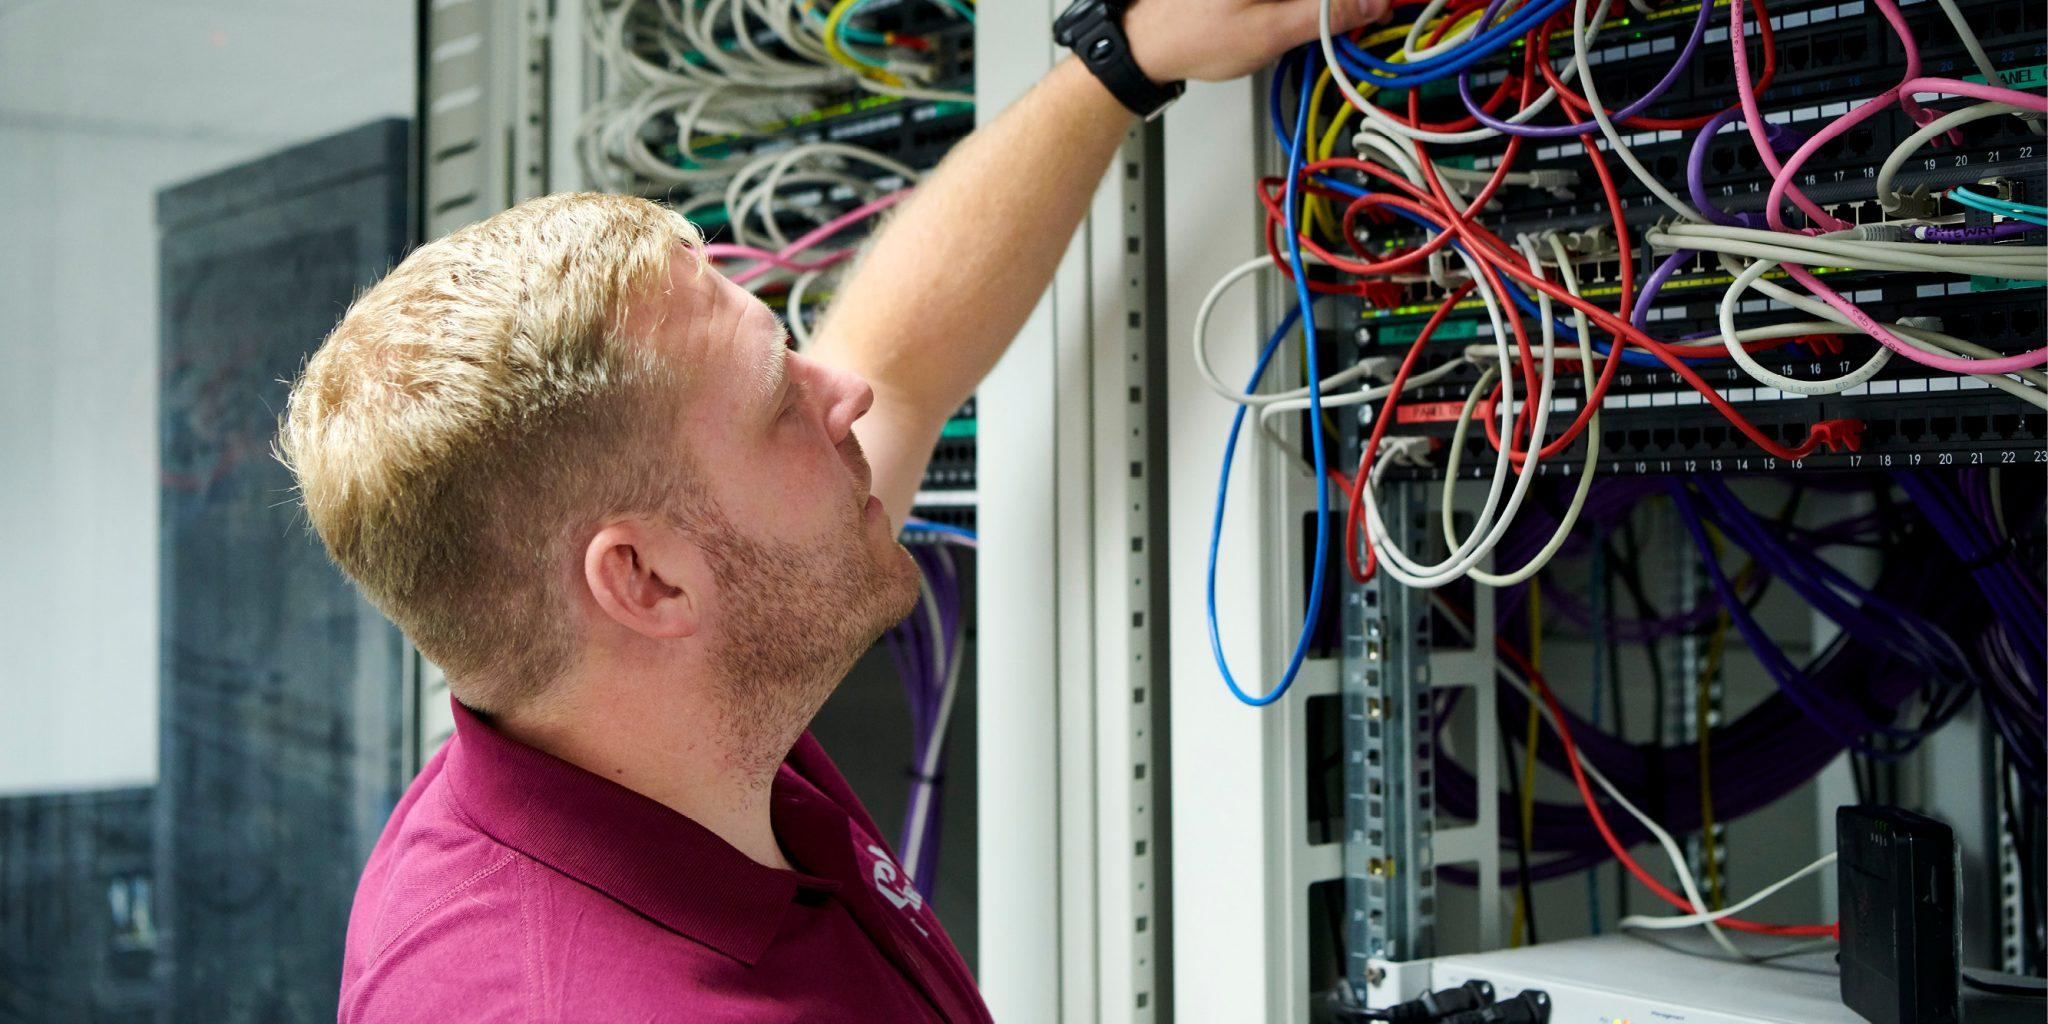 ICT worker fixing server